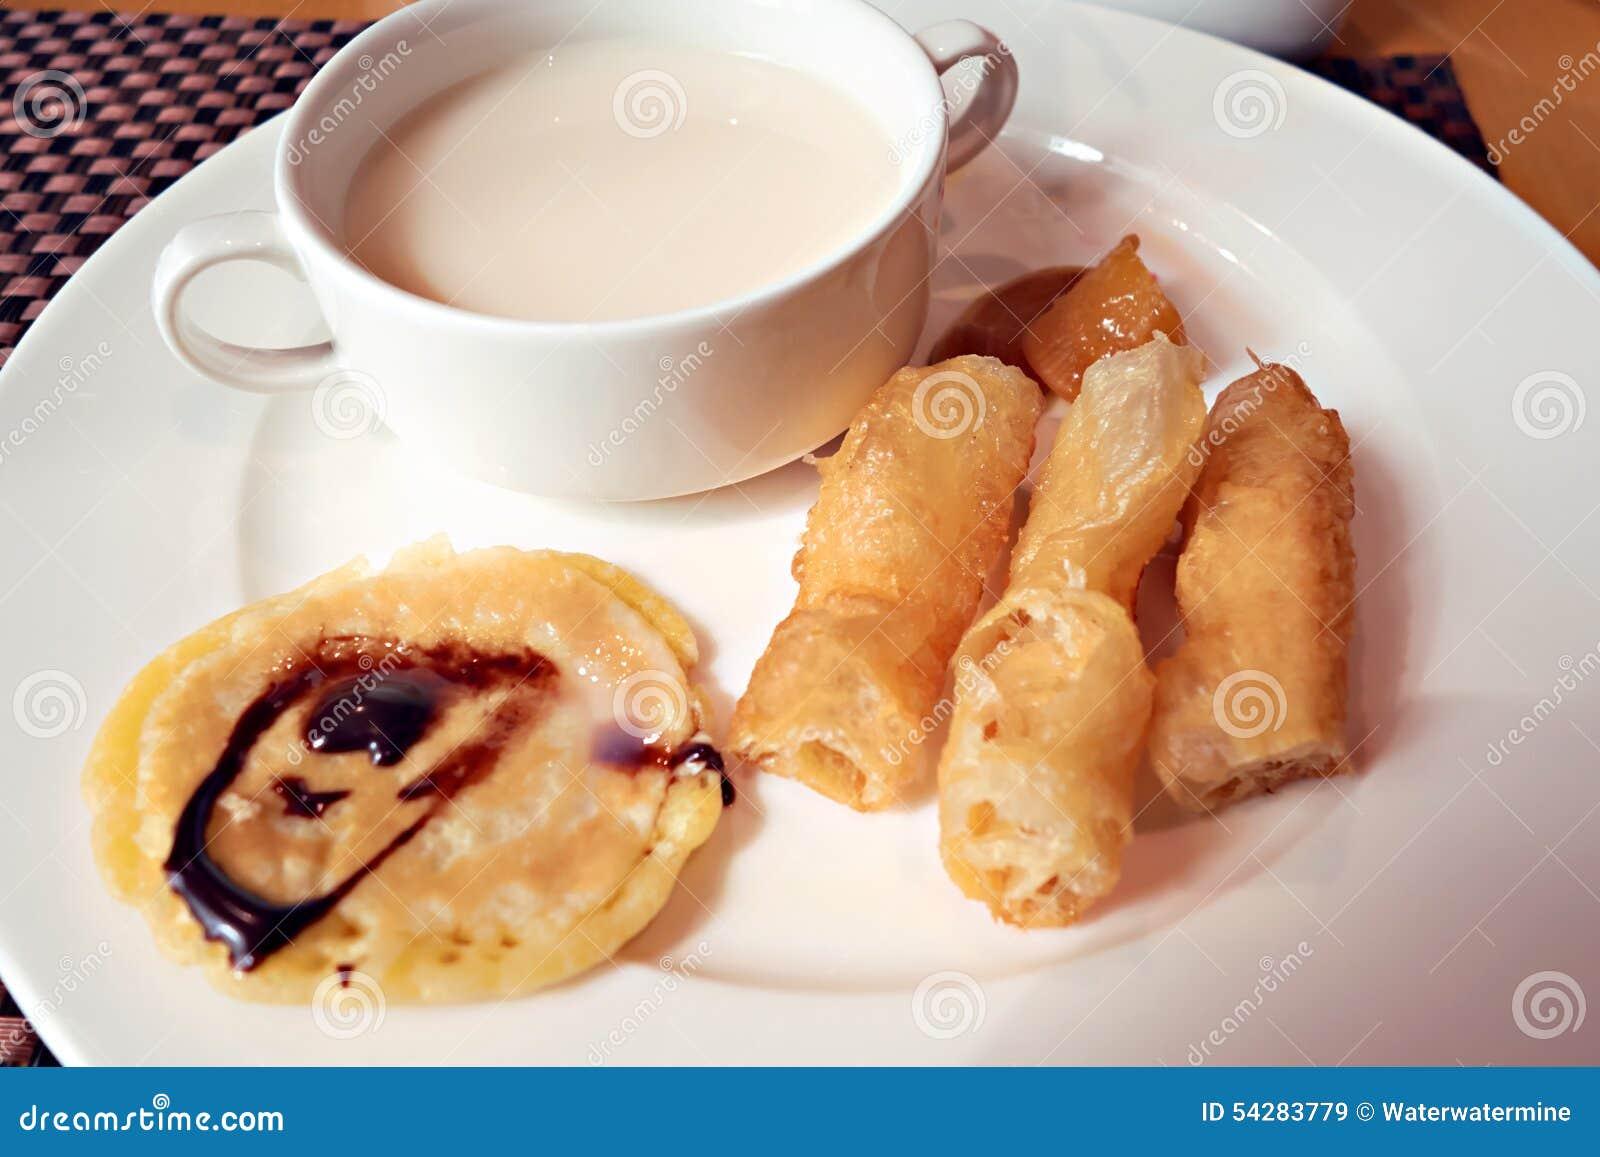 Prima colazione del cinese tradizionale immagine stock for Colazione cinese